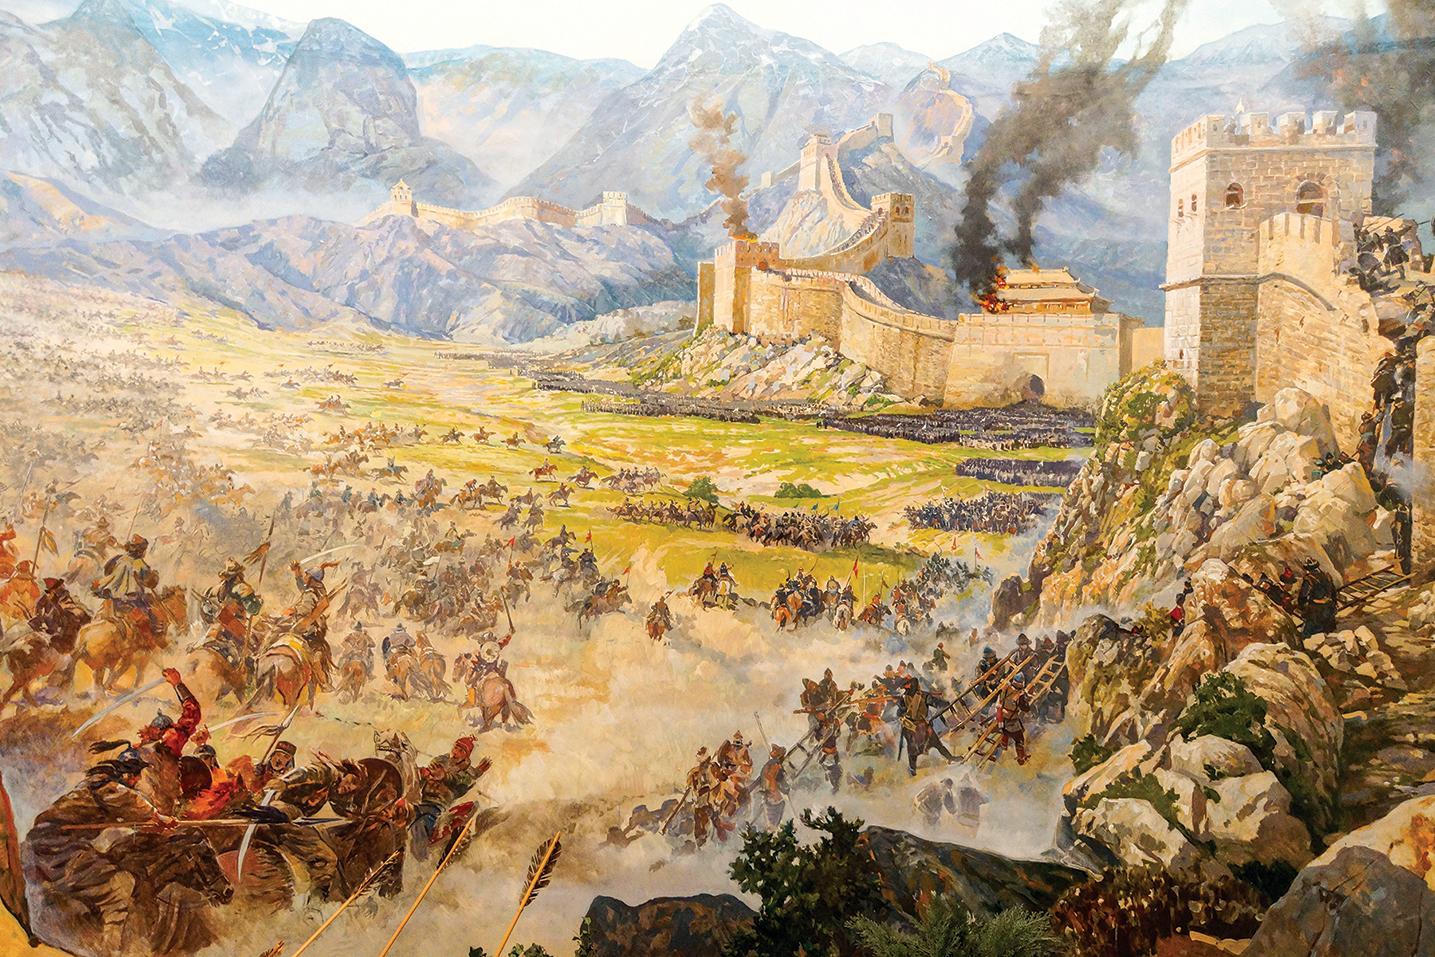 李廣跟匈奴打了四十七年,將近半個世紀的戰爭。畫中描繪的是匈奴人攻打長城的場景。(Shutterstock)